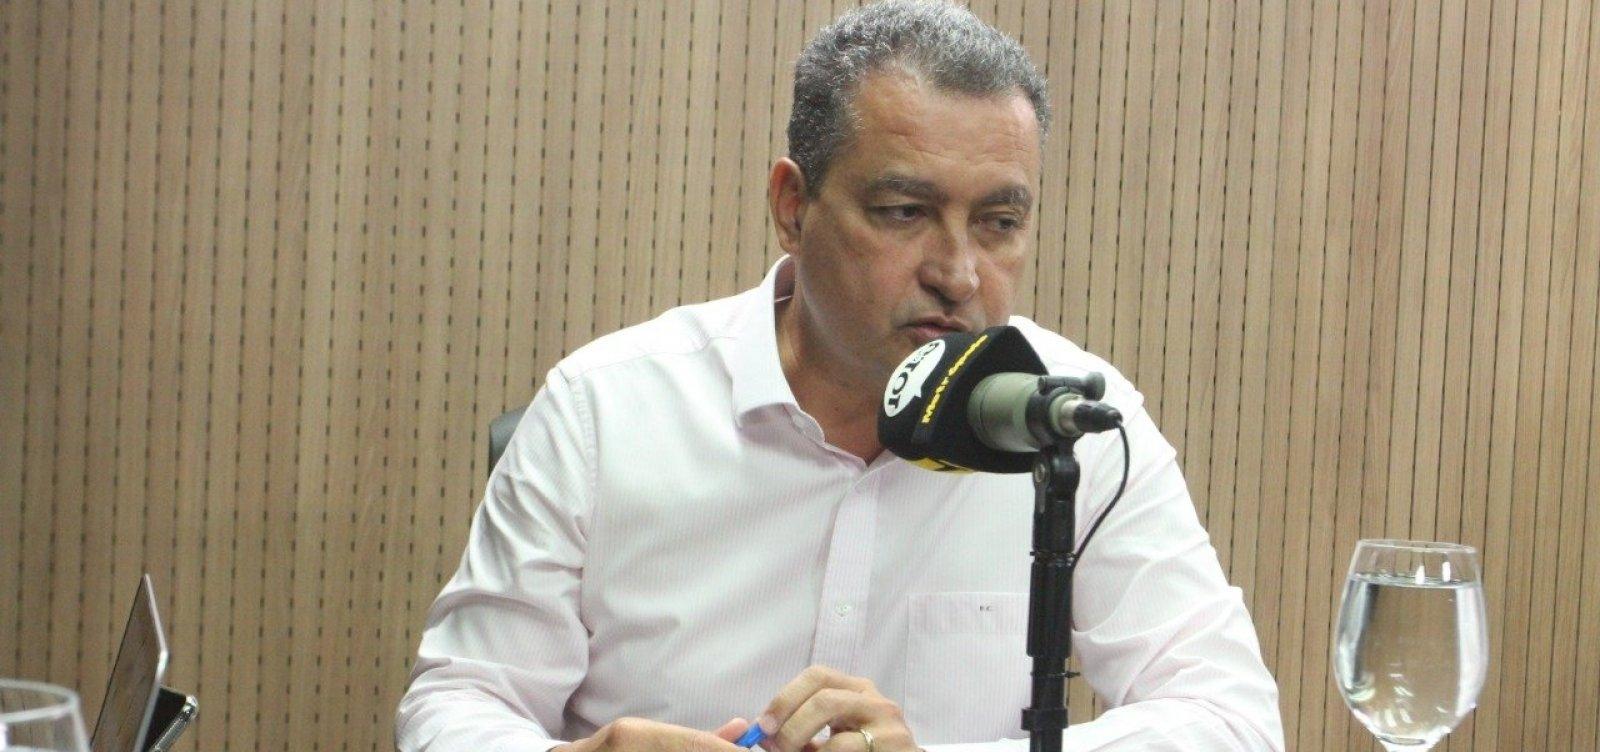 Rui e mais 12 governadores assinam carta contra decreto das armas